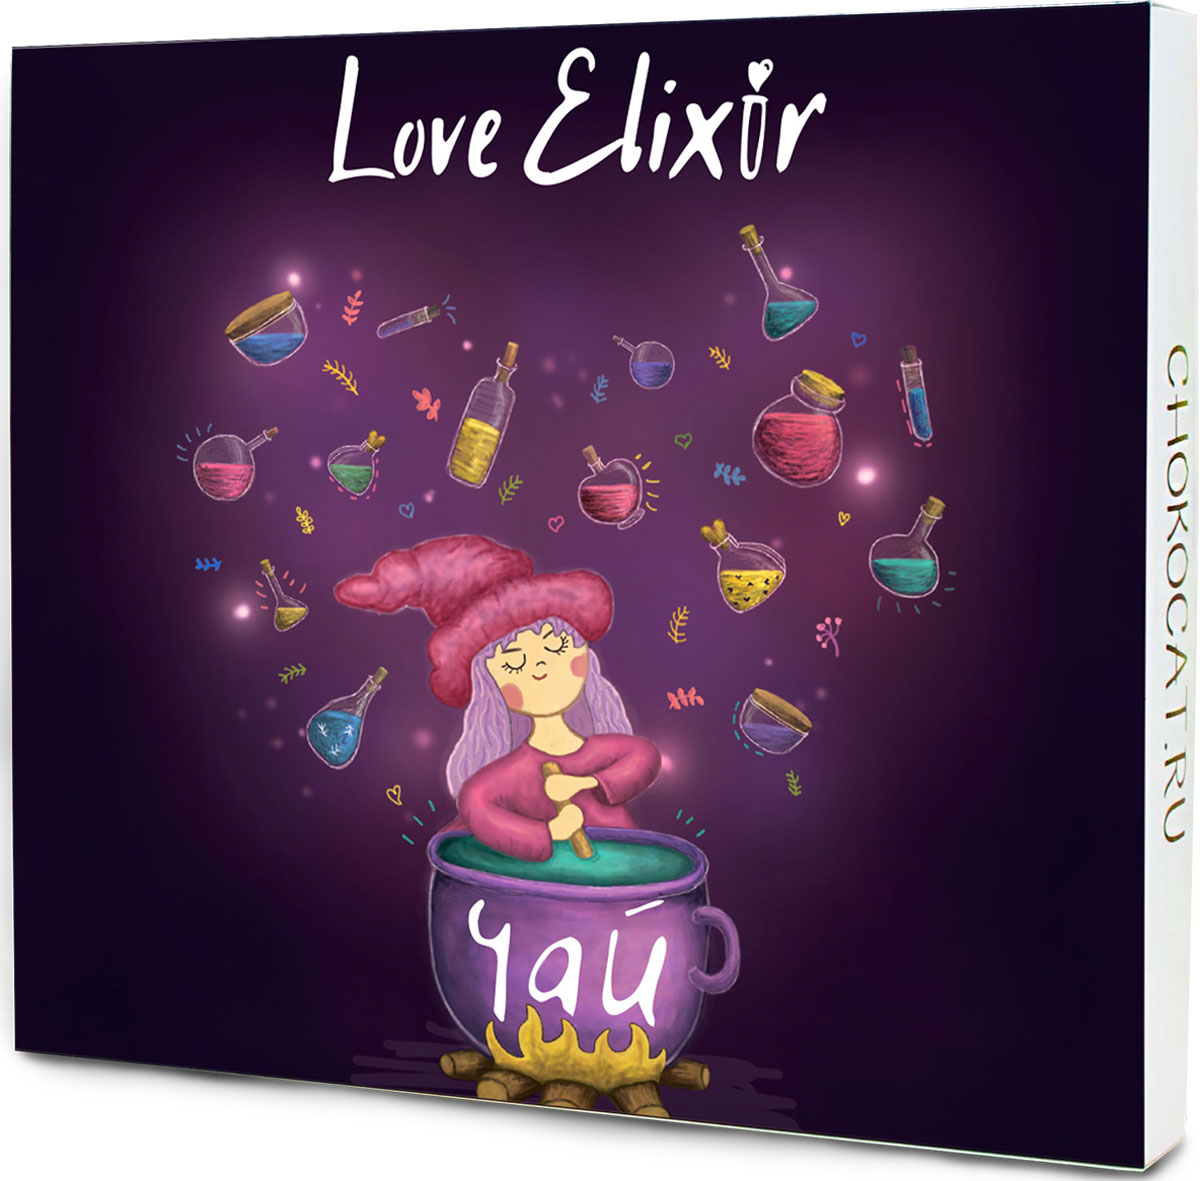 Chokocat Любовный эликсир подарочный набор 3 вида чая, 30 г dolche vita от всего сердца подарочный набор 3 вида чая 120 г